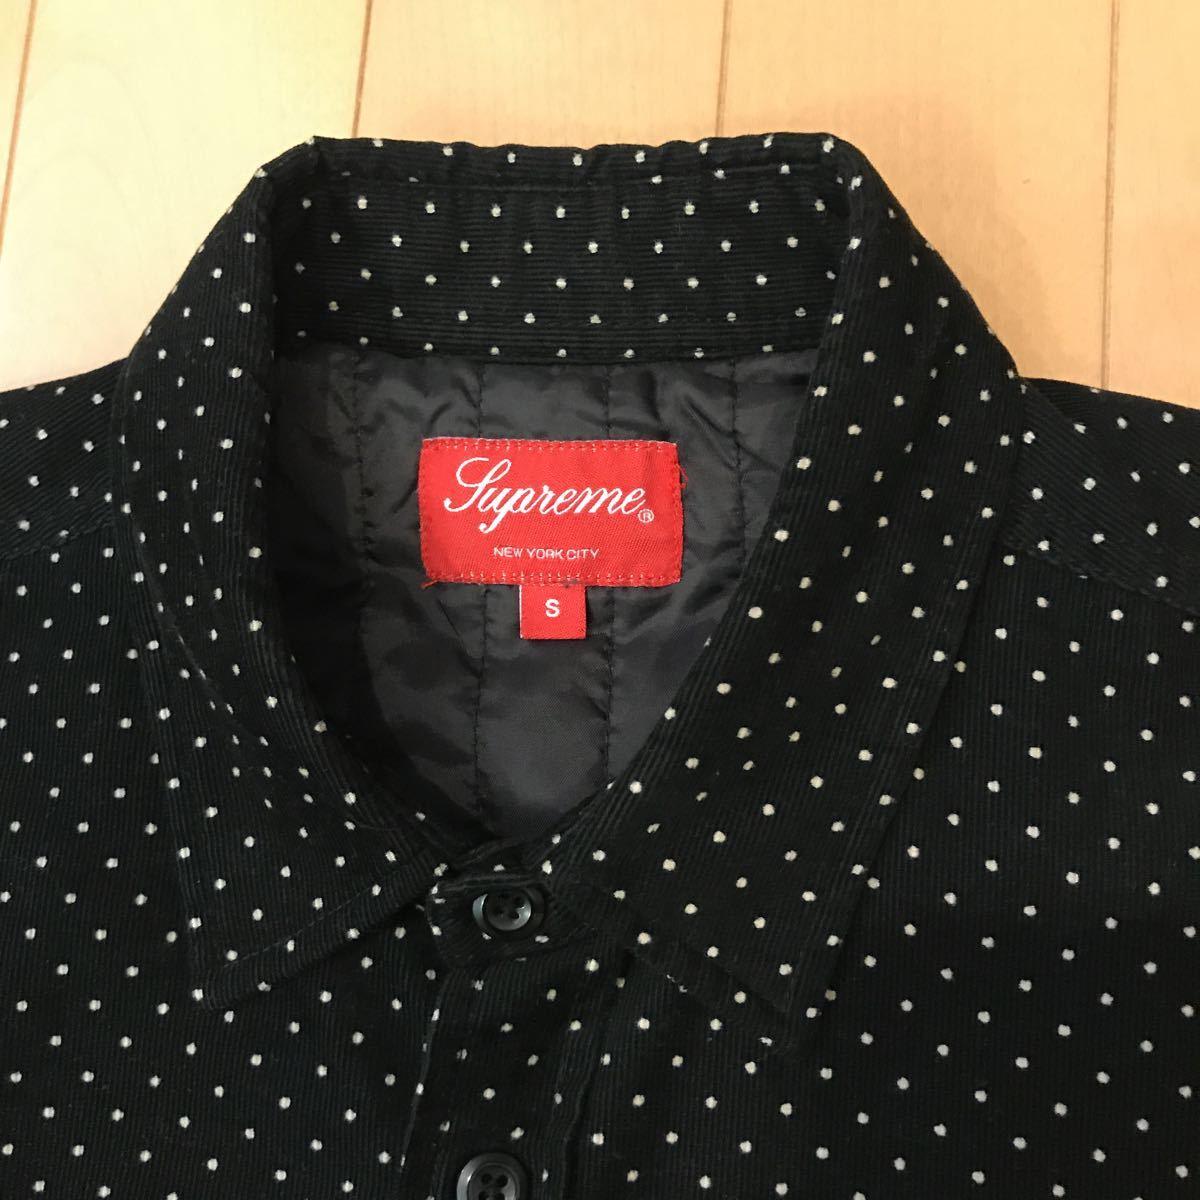 美品 Supreme Dot Corduroy Shirts 黒 S シュプリームドットコーデュロイシャツ 中綿ライナー_画像2